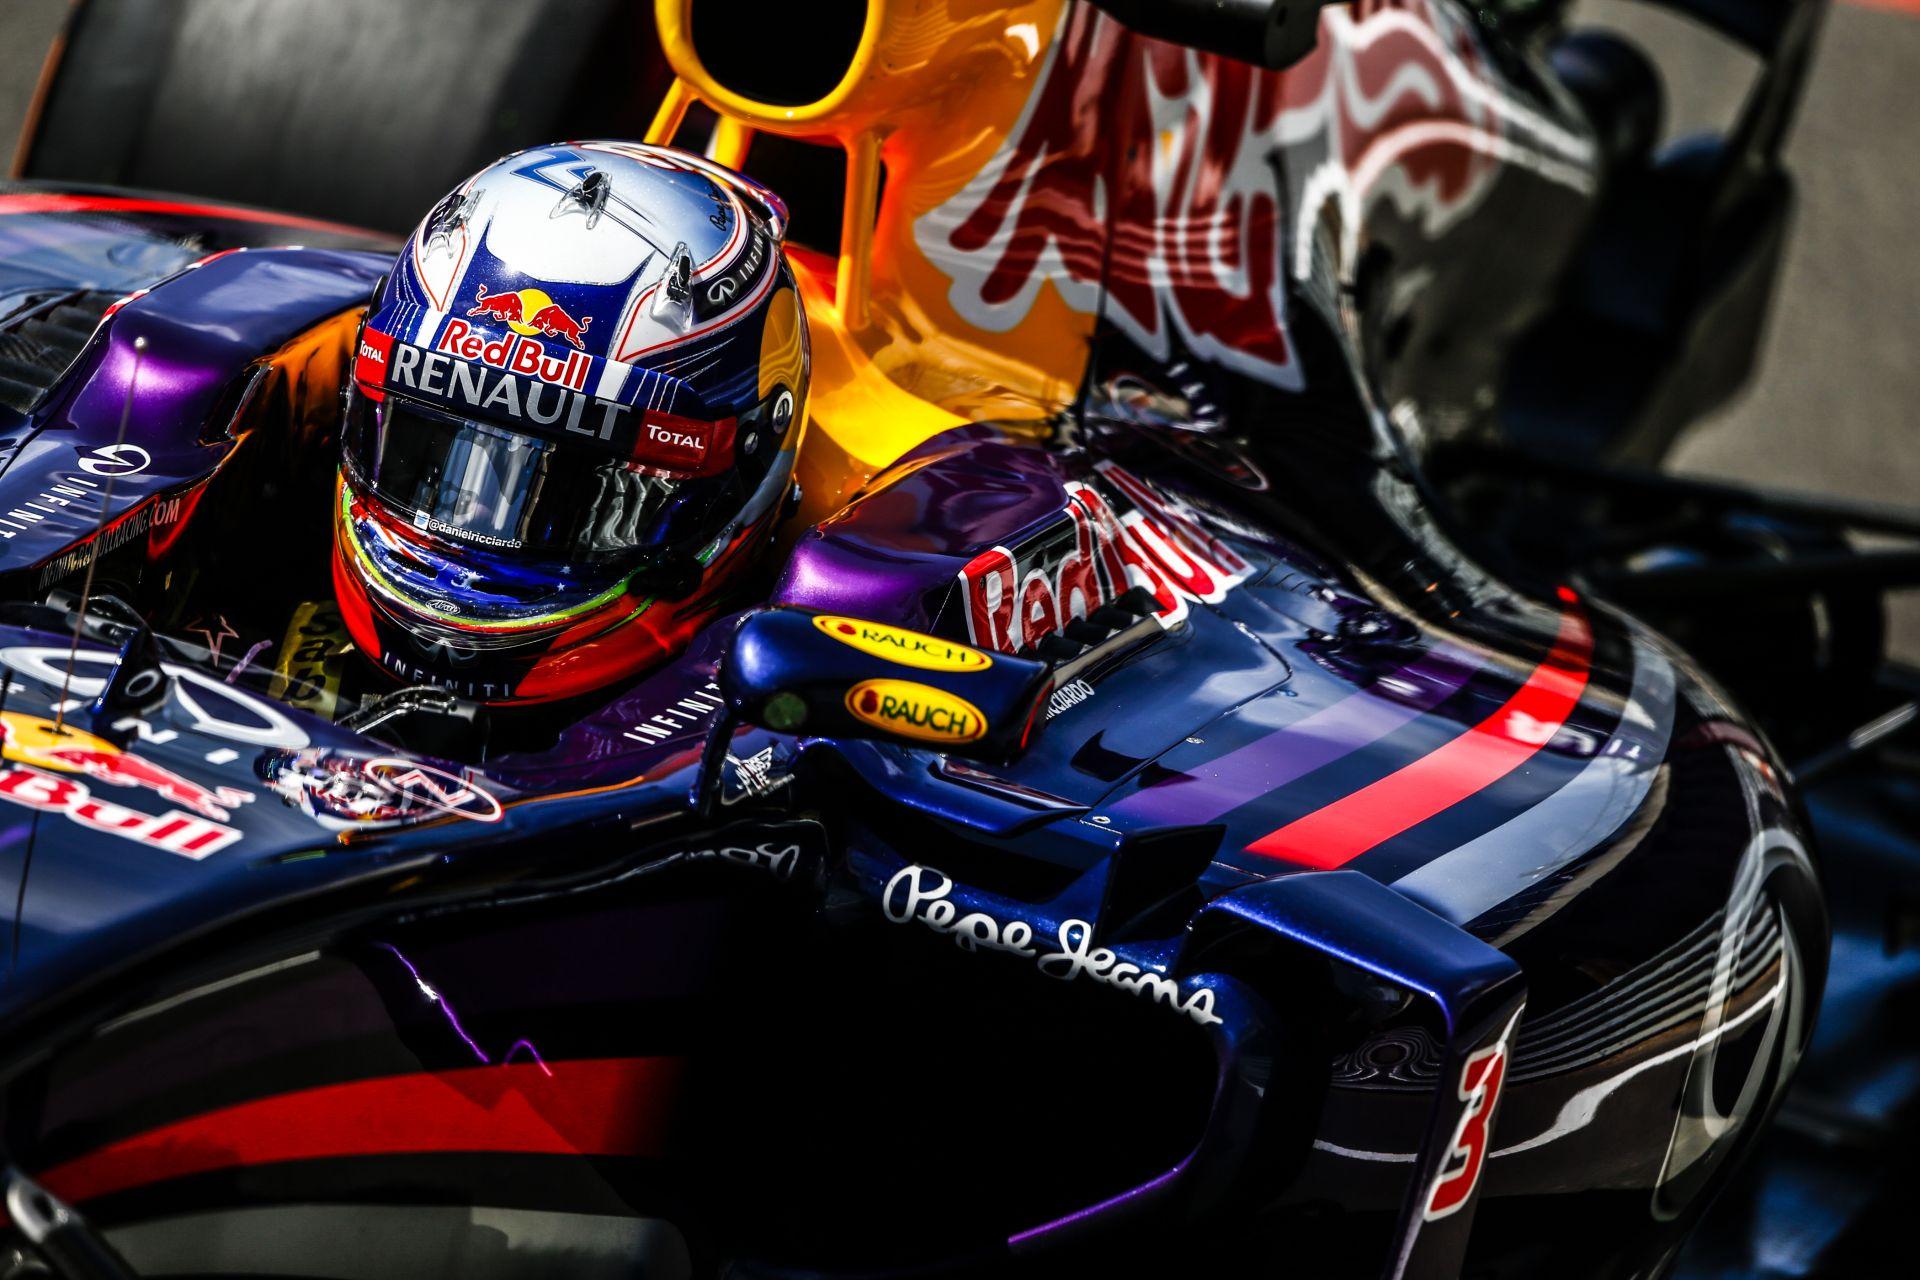 Ricciardo nagyon csalódott, de lát esélyt a dobogóra Silverstone-ban